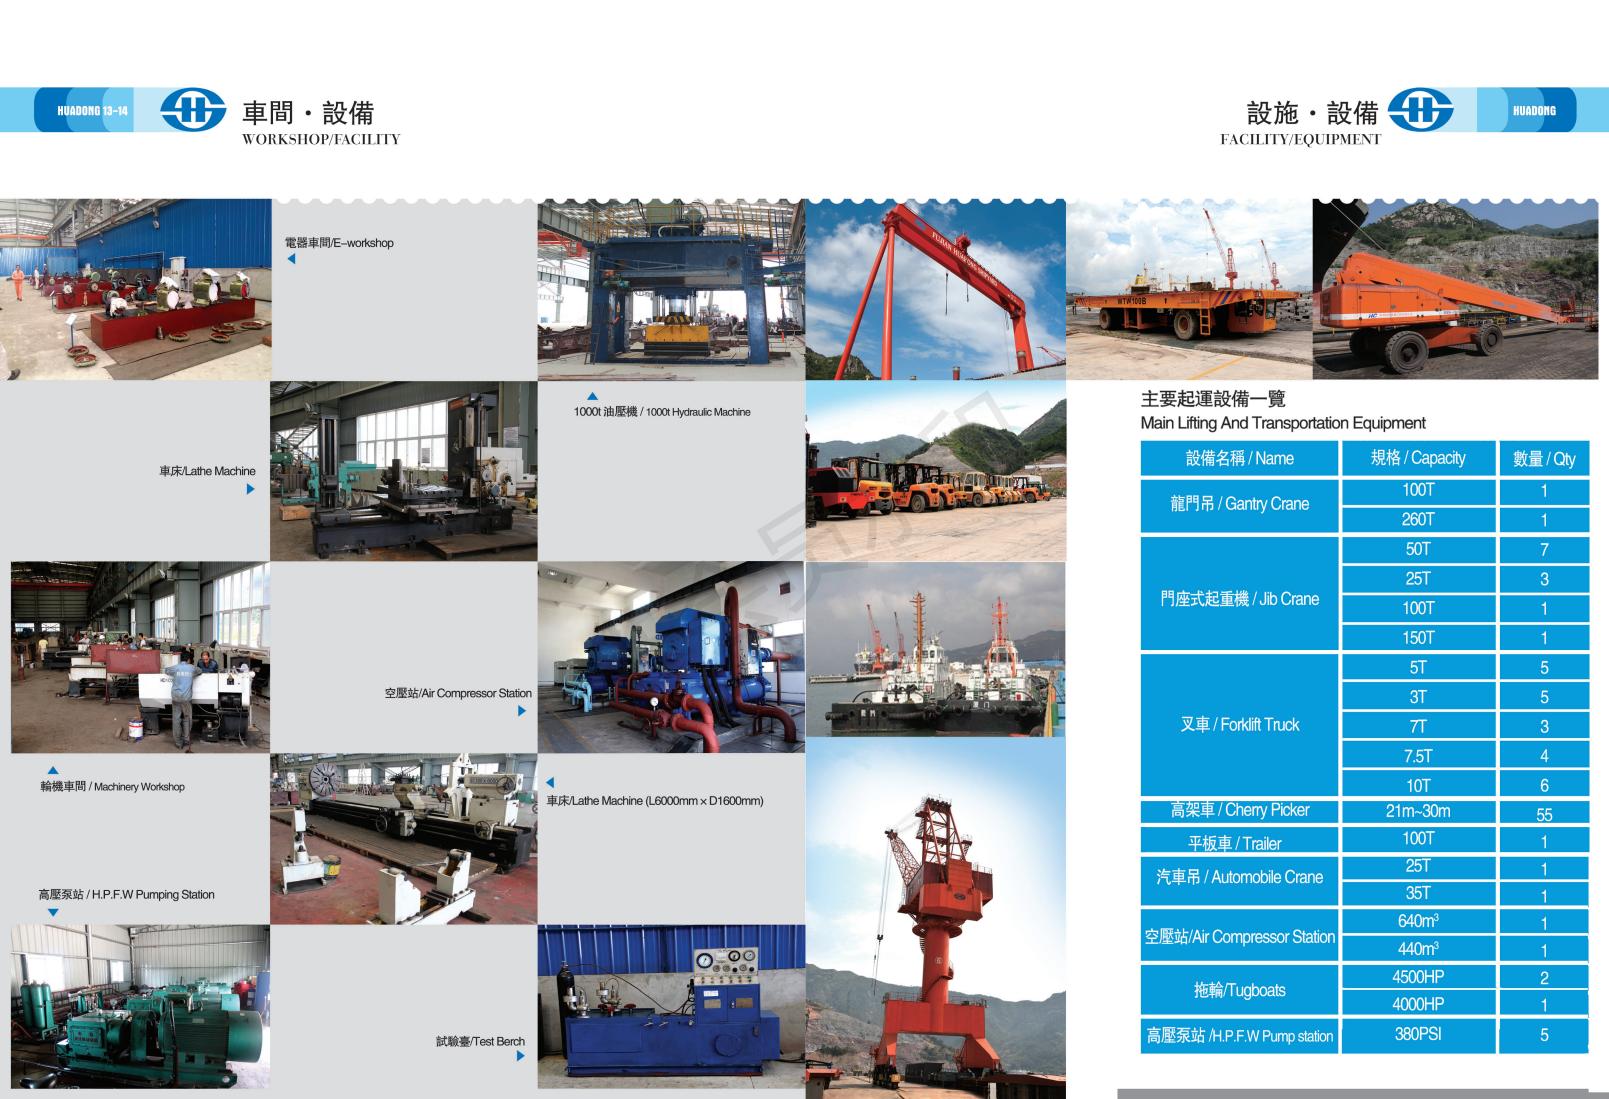 華東船廠_06